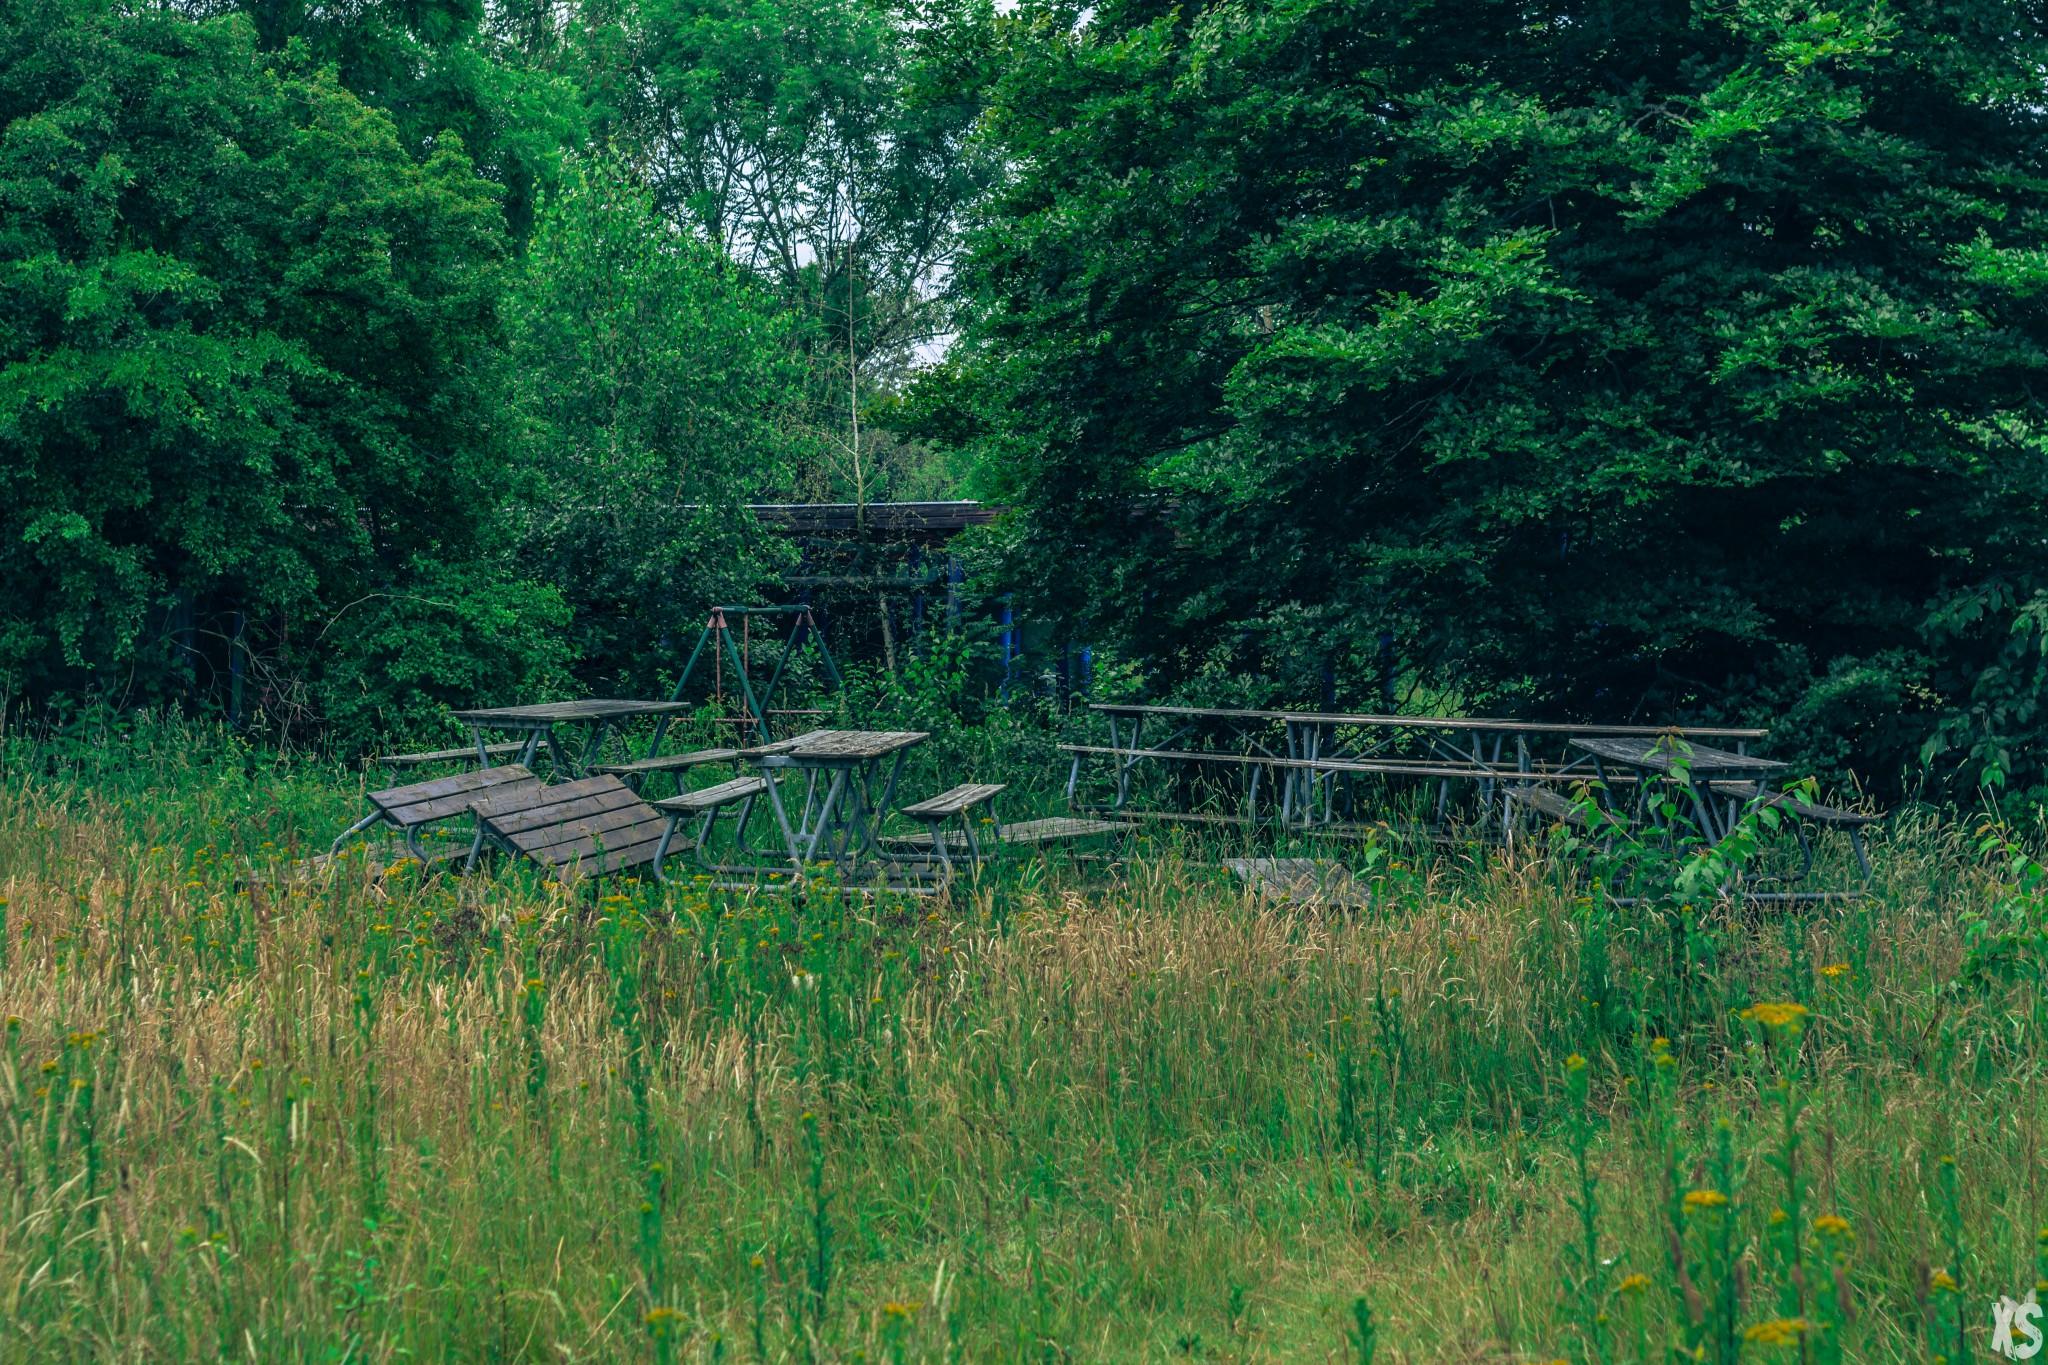 parc-aquatique-wayne-lo-31